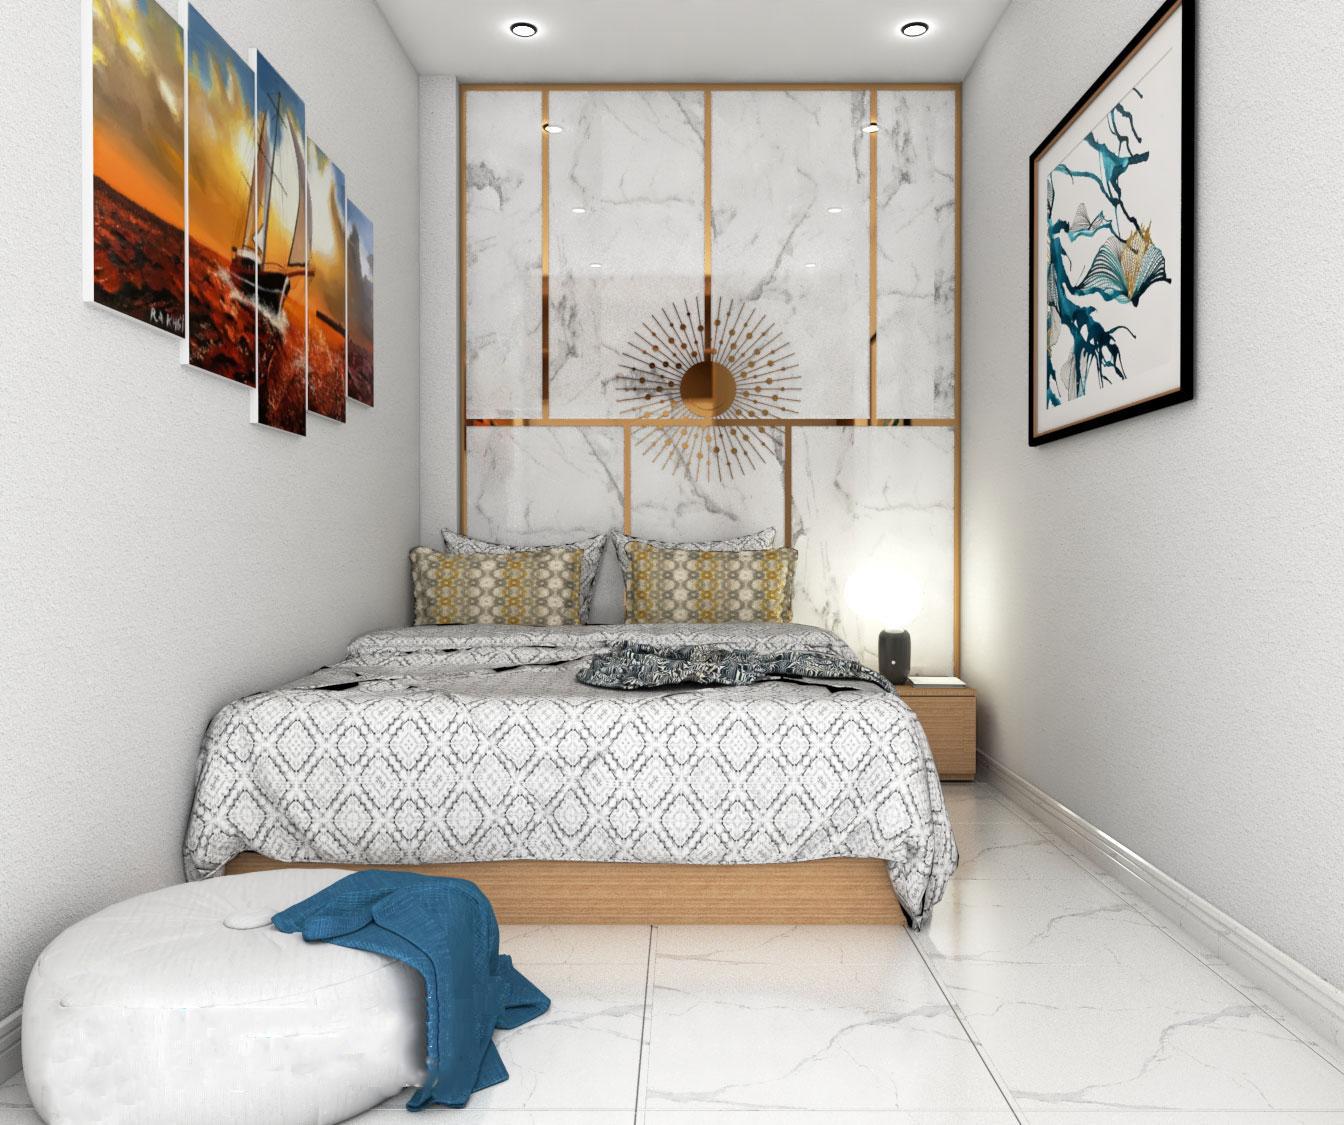 Phòng ngủ nhỏ 10m2 chỉ đủ bố trí giường ngủ, rất hạn chế các món đồ nội thất, trang trí.